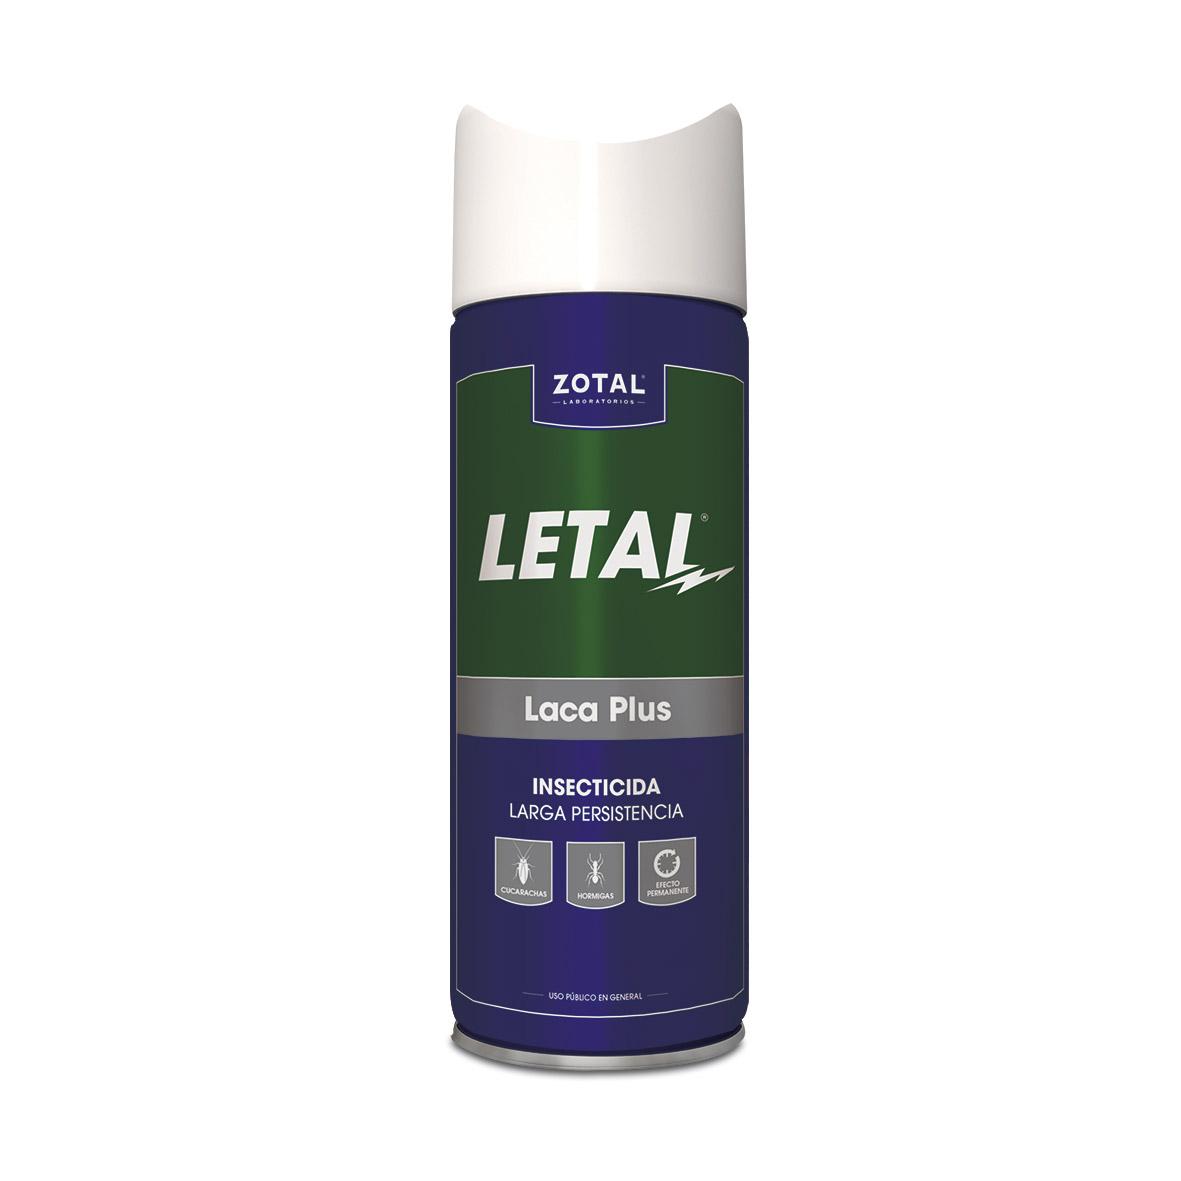 LETAL LACA AEROSOL 400 ML ((IN))